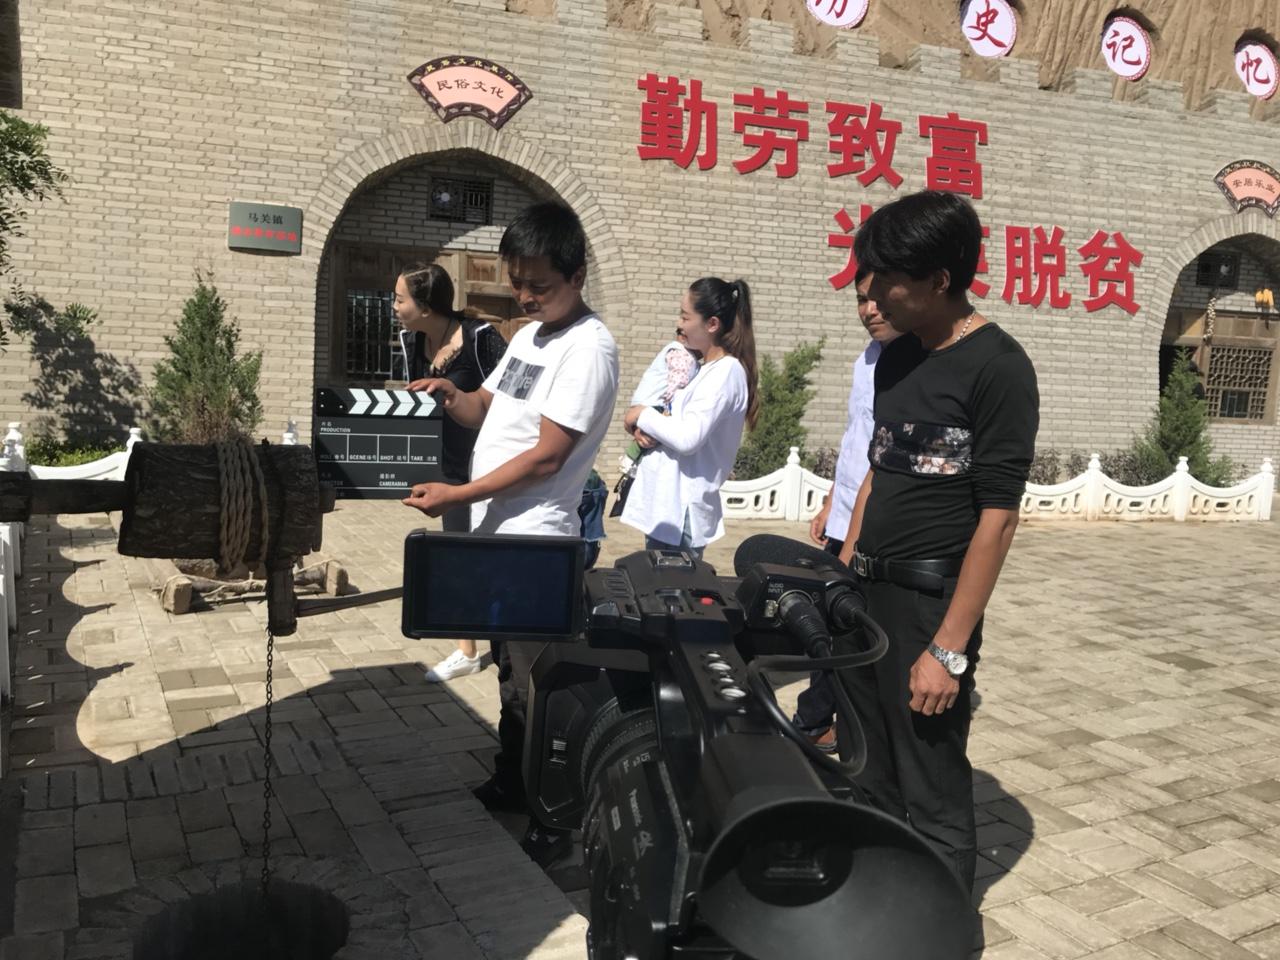 拍摄花絮:张家川方言微电影第4季《新义梁相亲记》